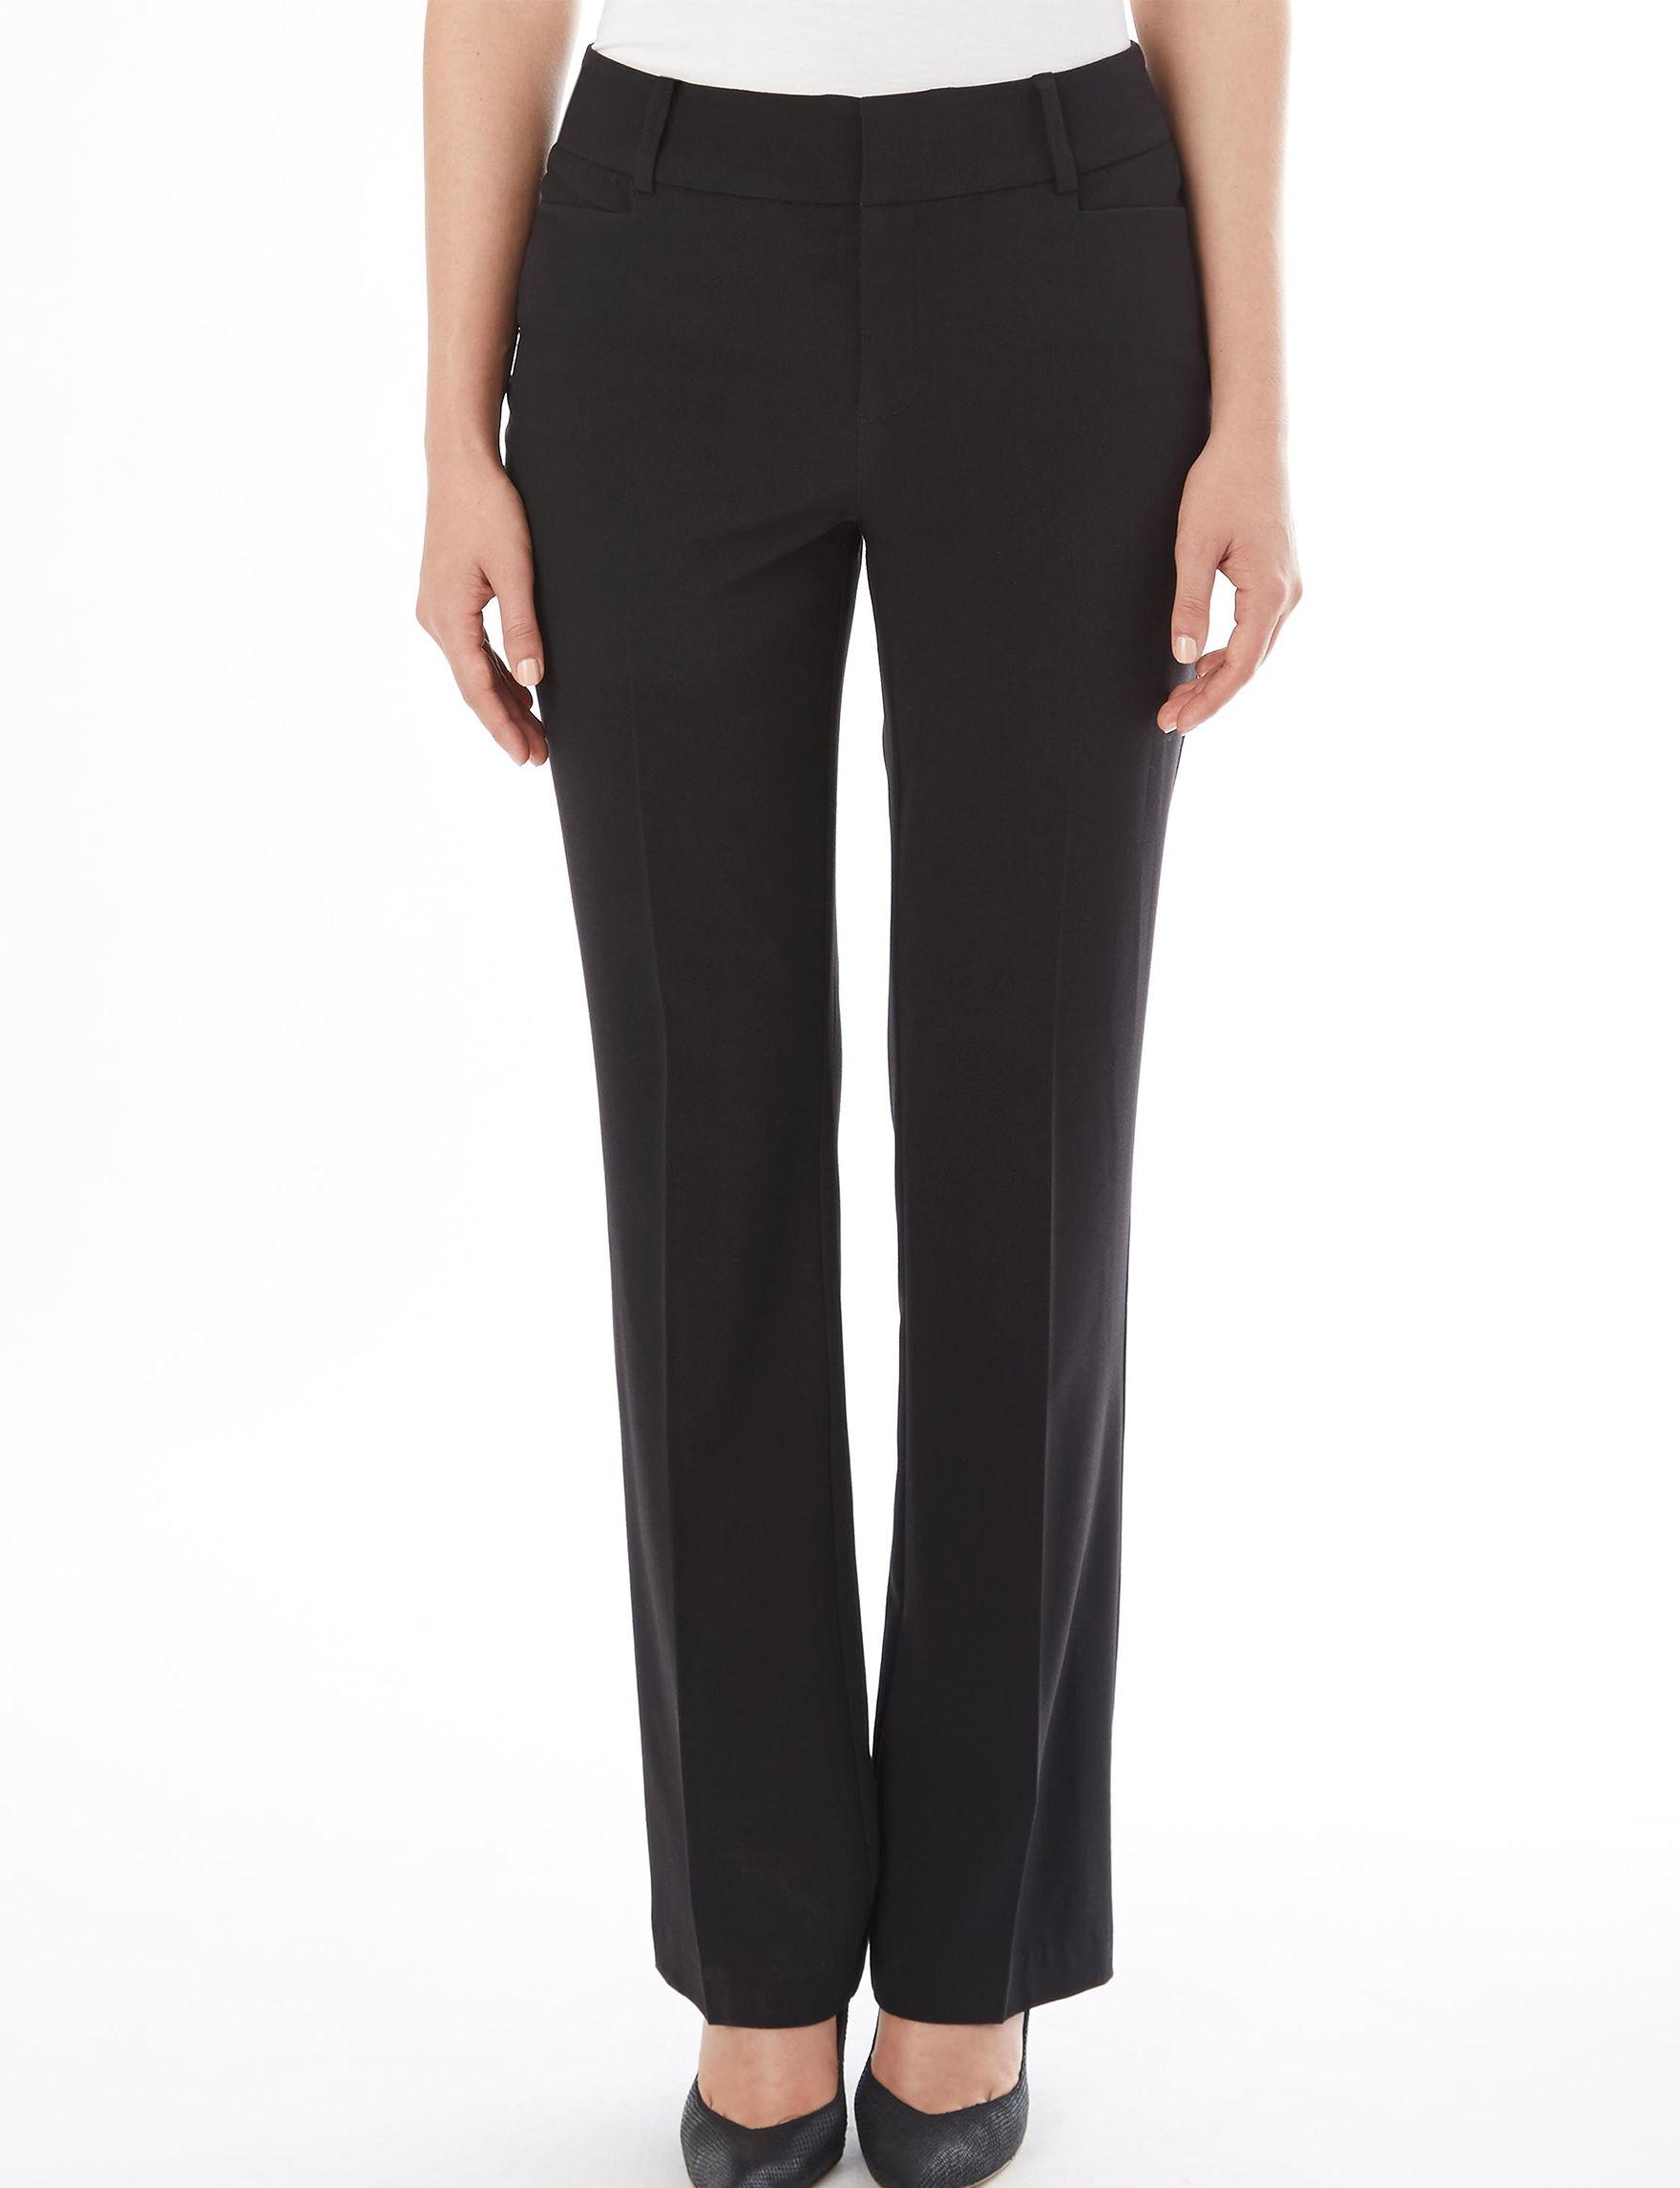 A. Byer Black Soft Pants